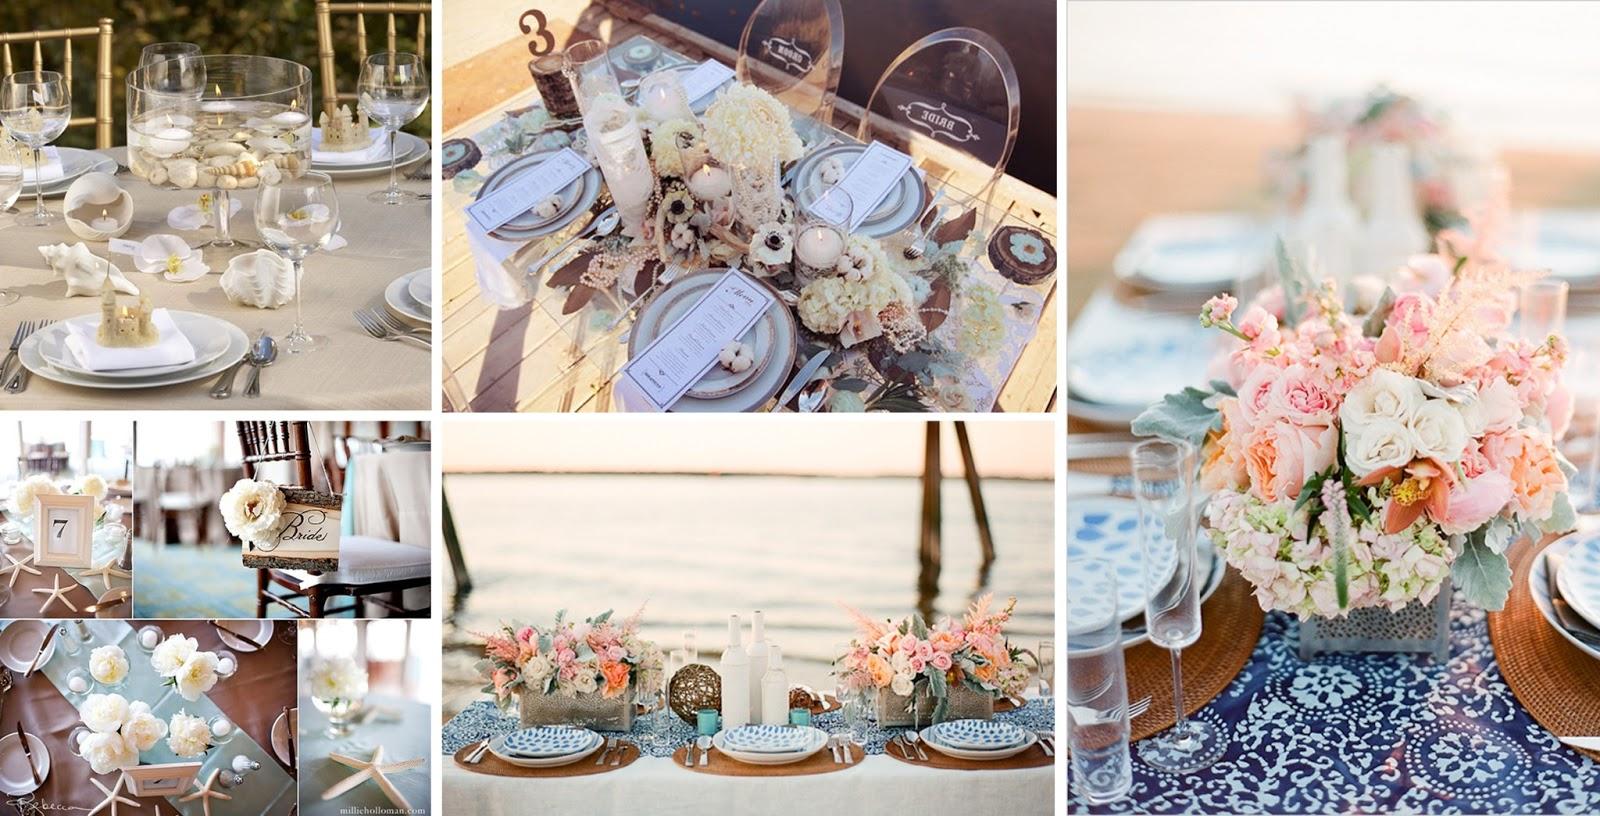 Decoracion bodas pinterest - Ideas sencillas para decorar ...